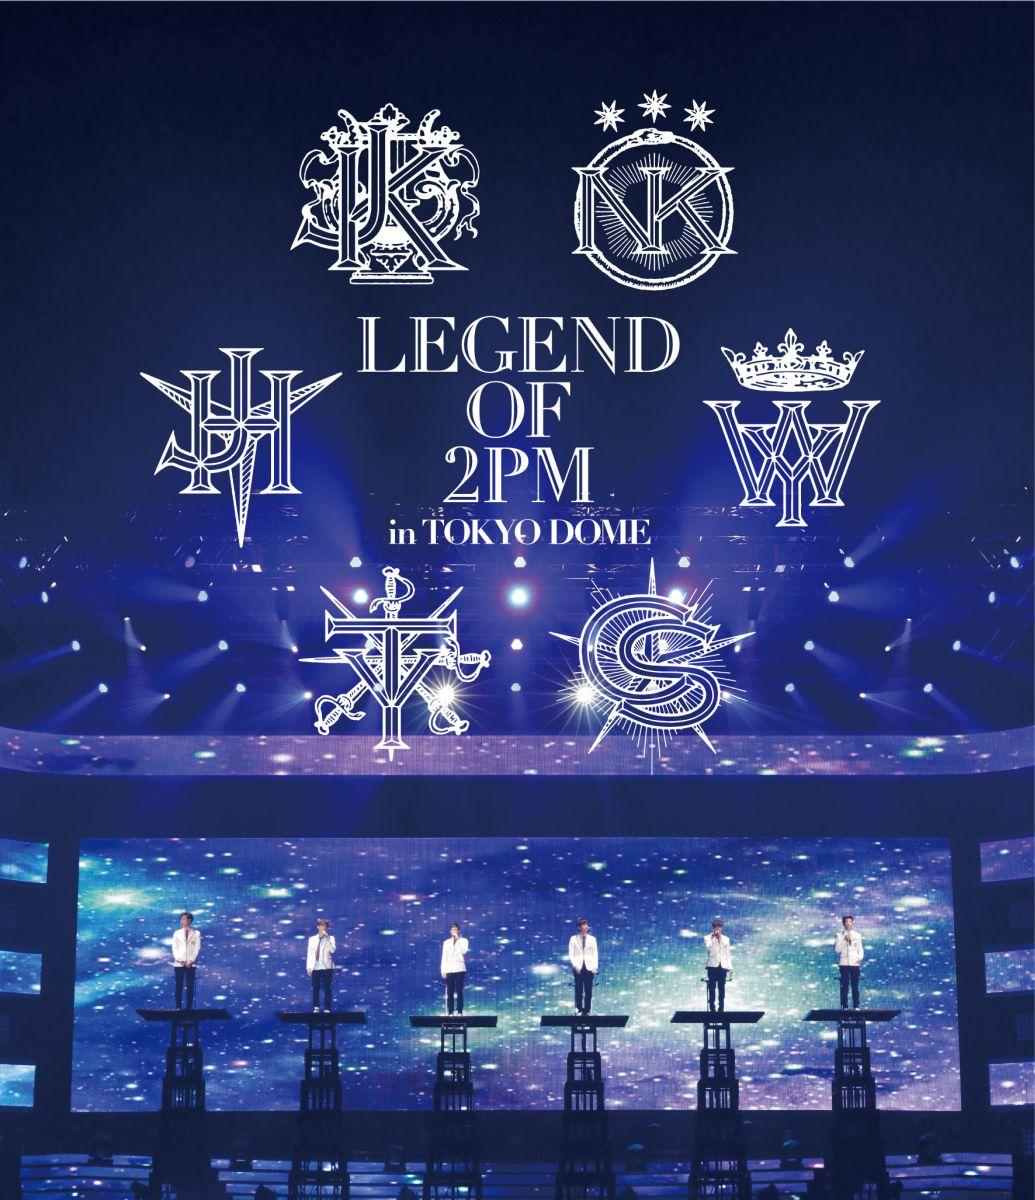 ミュージック, その他 LEGEND OF 2PM in TOKYO DOME Blu-ray 2PM